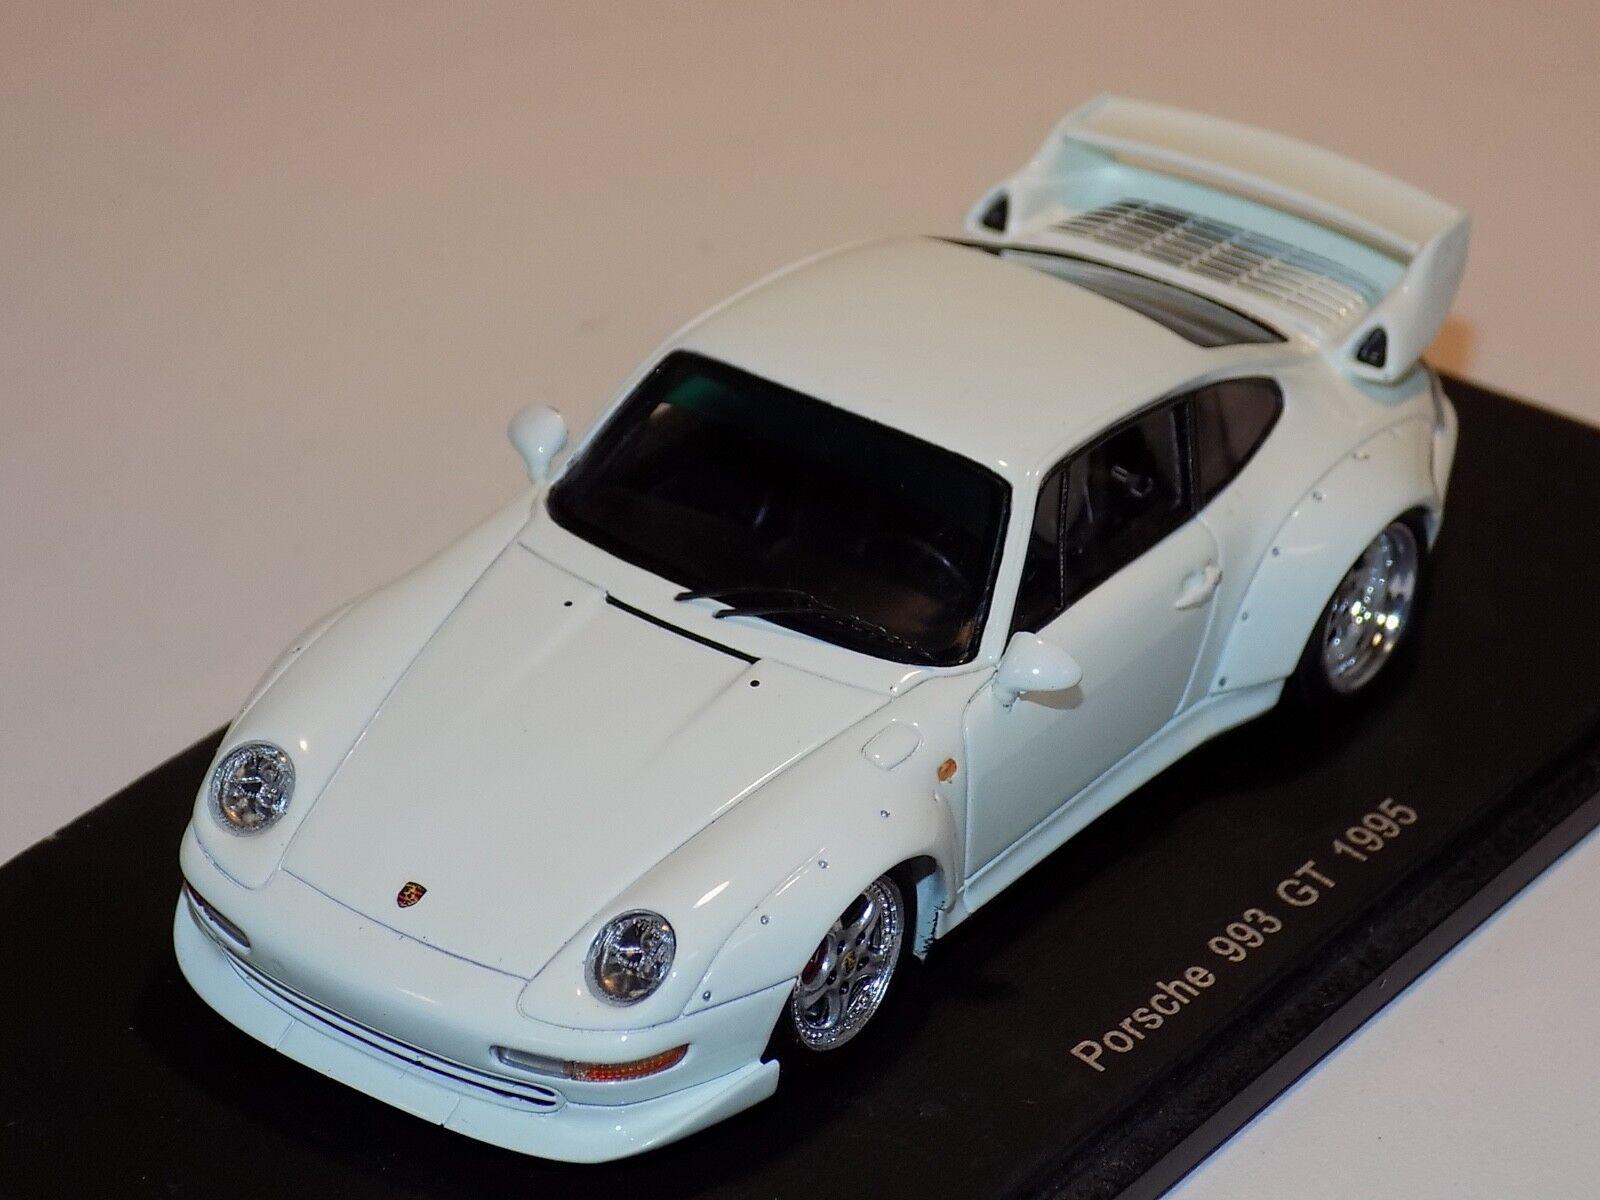 1/43 Spark Porsche 911 993 GT desde 2018 en Blanco S4196